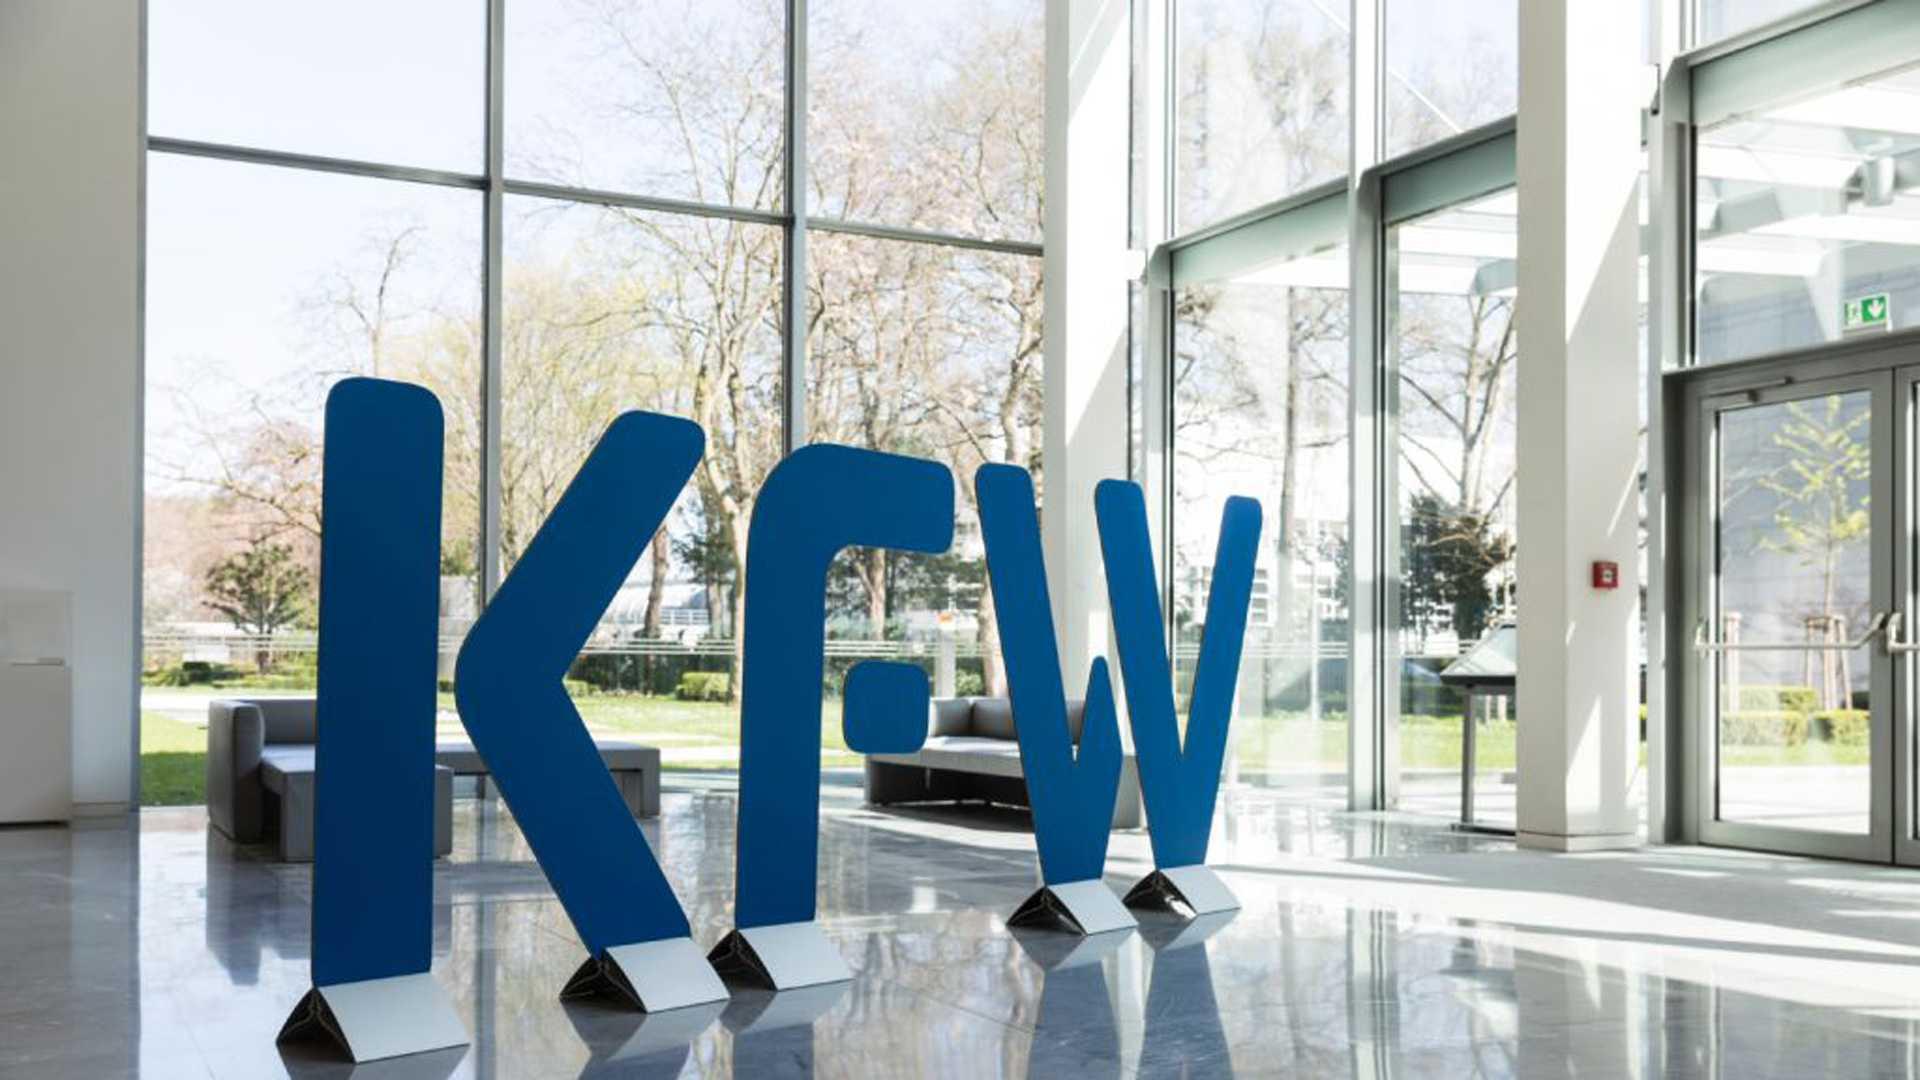 Kreditanstalt für Wiederaufbau KfW